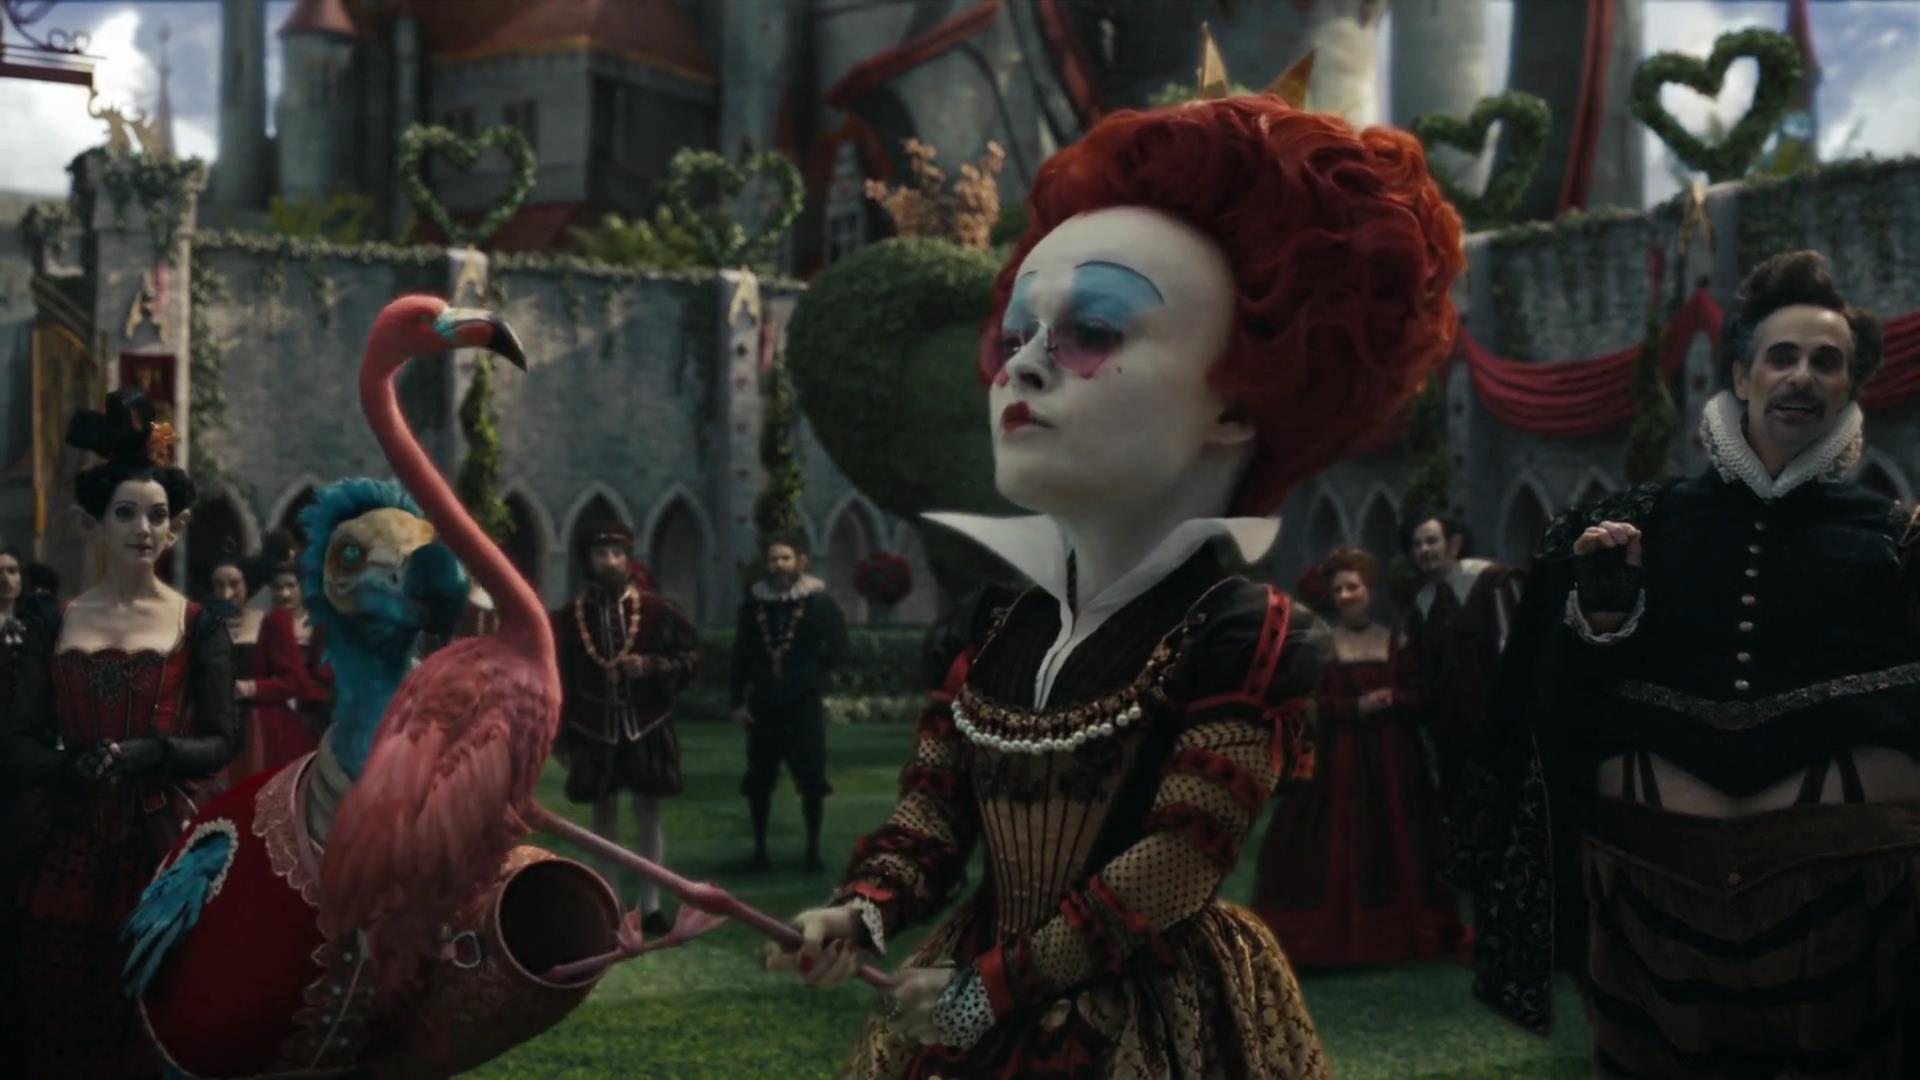 La reine rouge iracebeth personnage dans alice au pays des merveilles fi - Montre alice au pays des merveilles ...